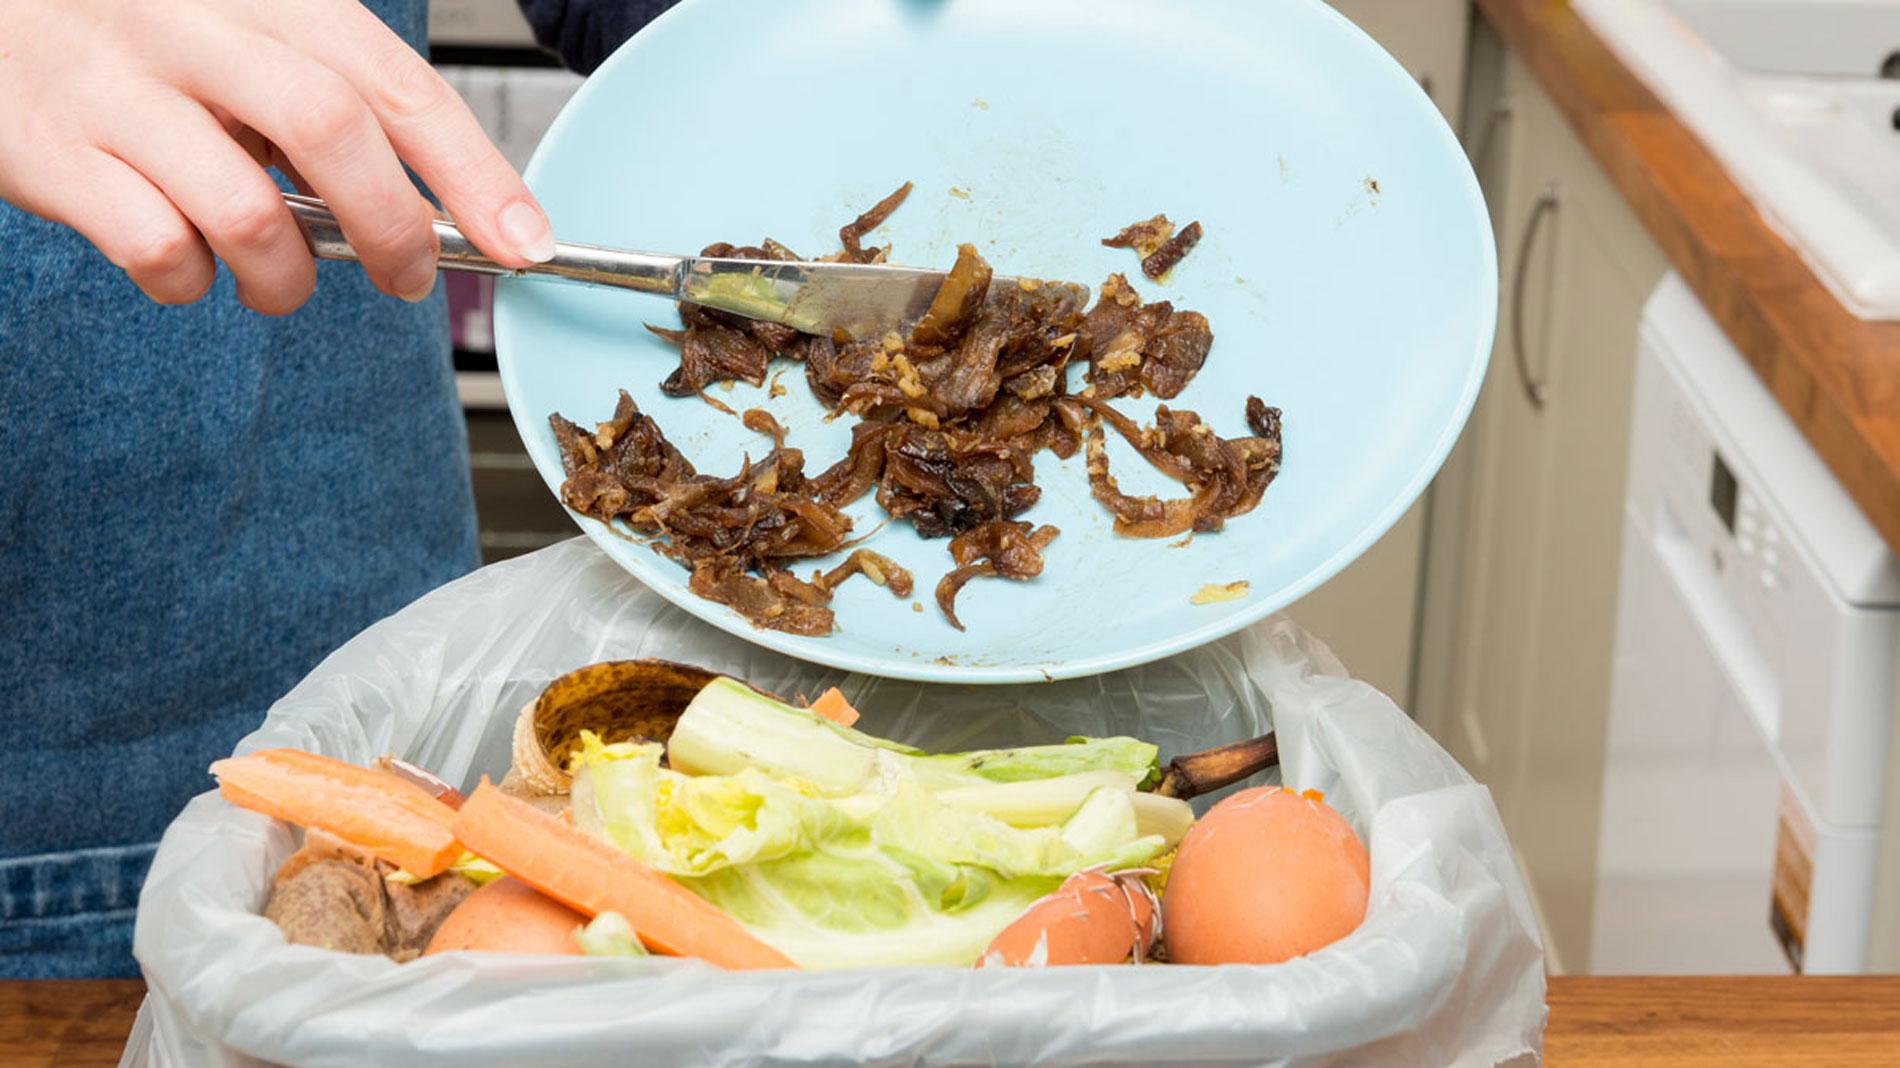 Semana contra el desperdicio alimentario